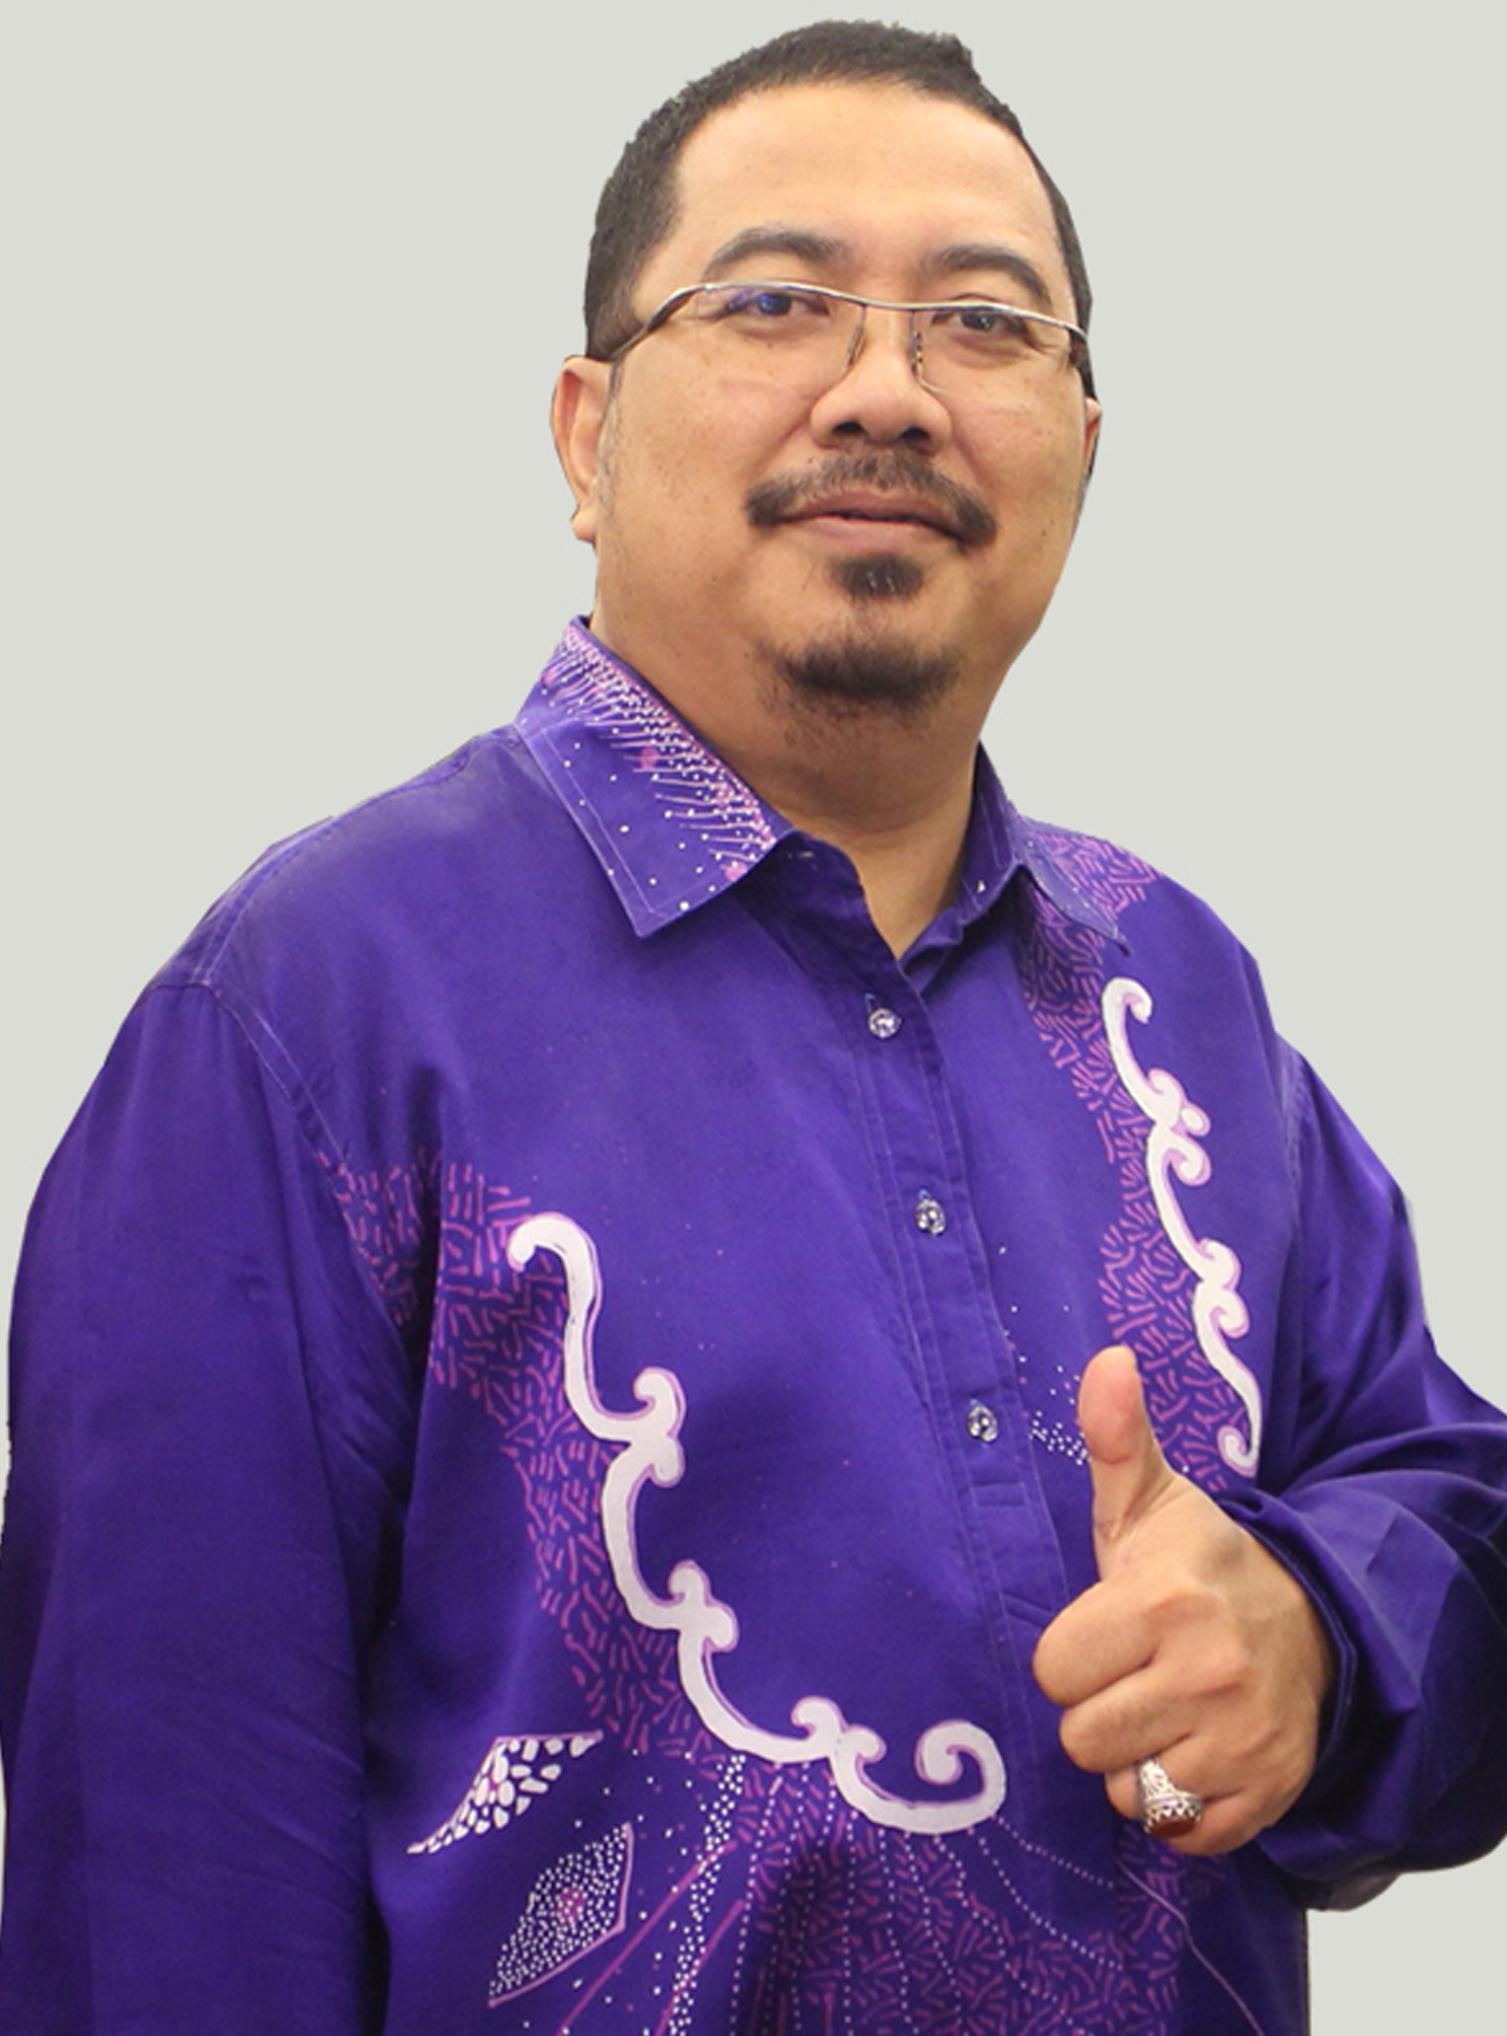 Azizi Ahmad